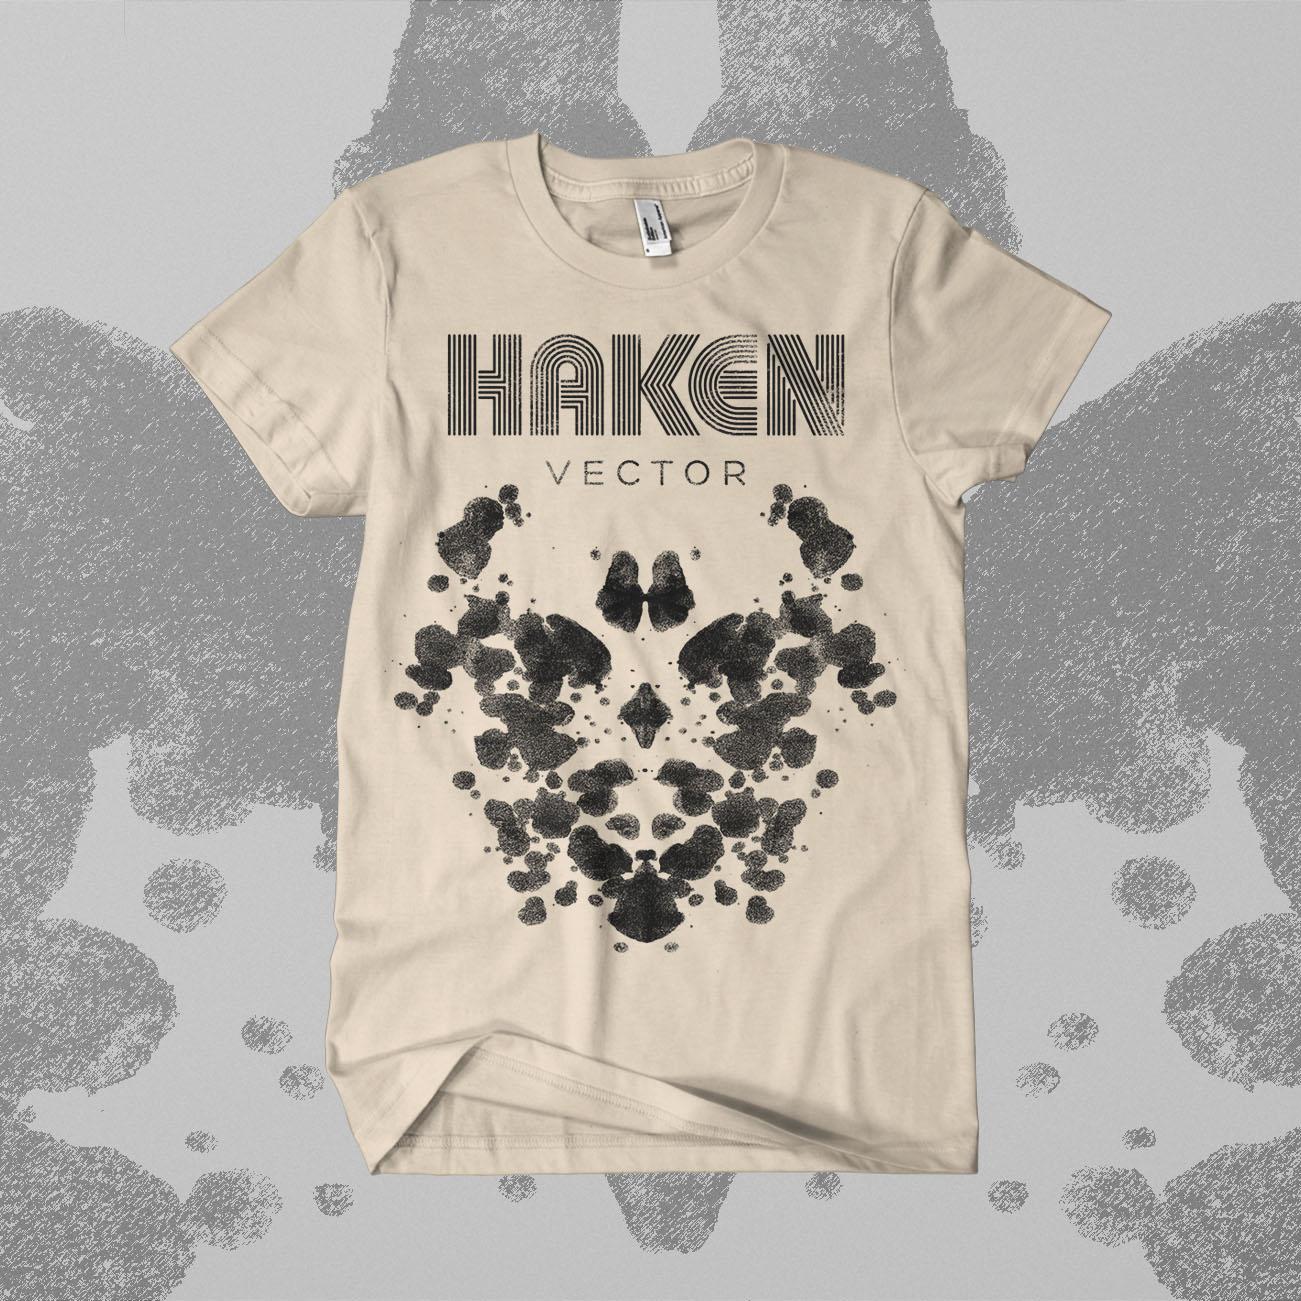 Haken - 'Vector' T-Shirt - Haken